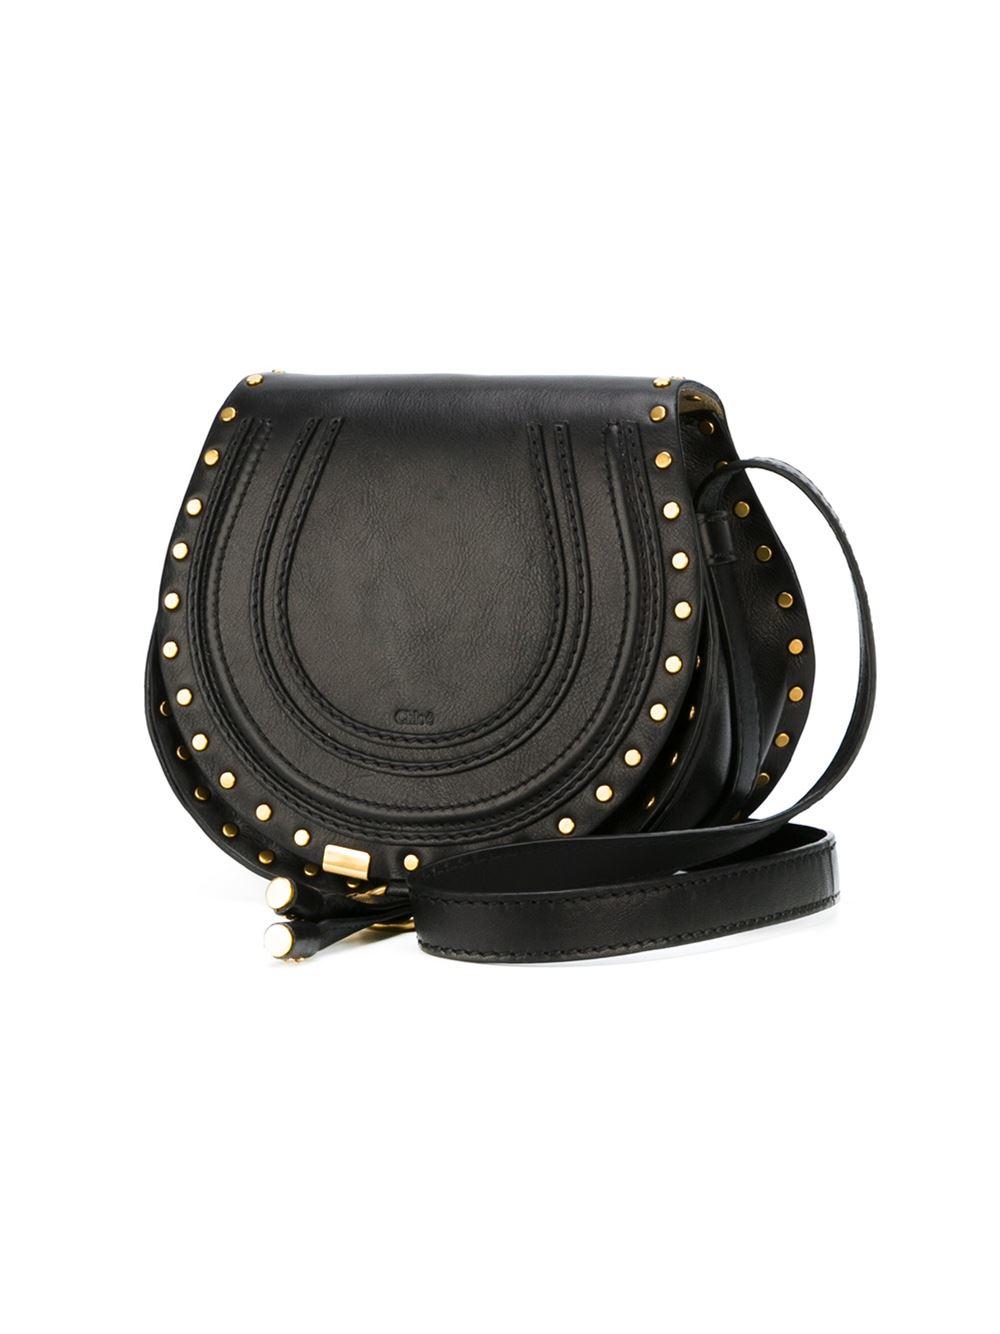 chloe marcie bag replica - Chlo�� \u0026#39;marcie\u0026#39; Crossbody Bag in Black | Lyst